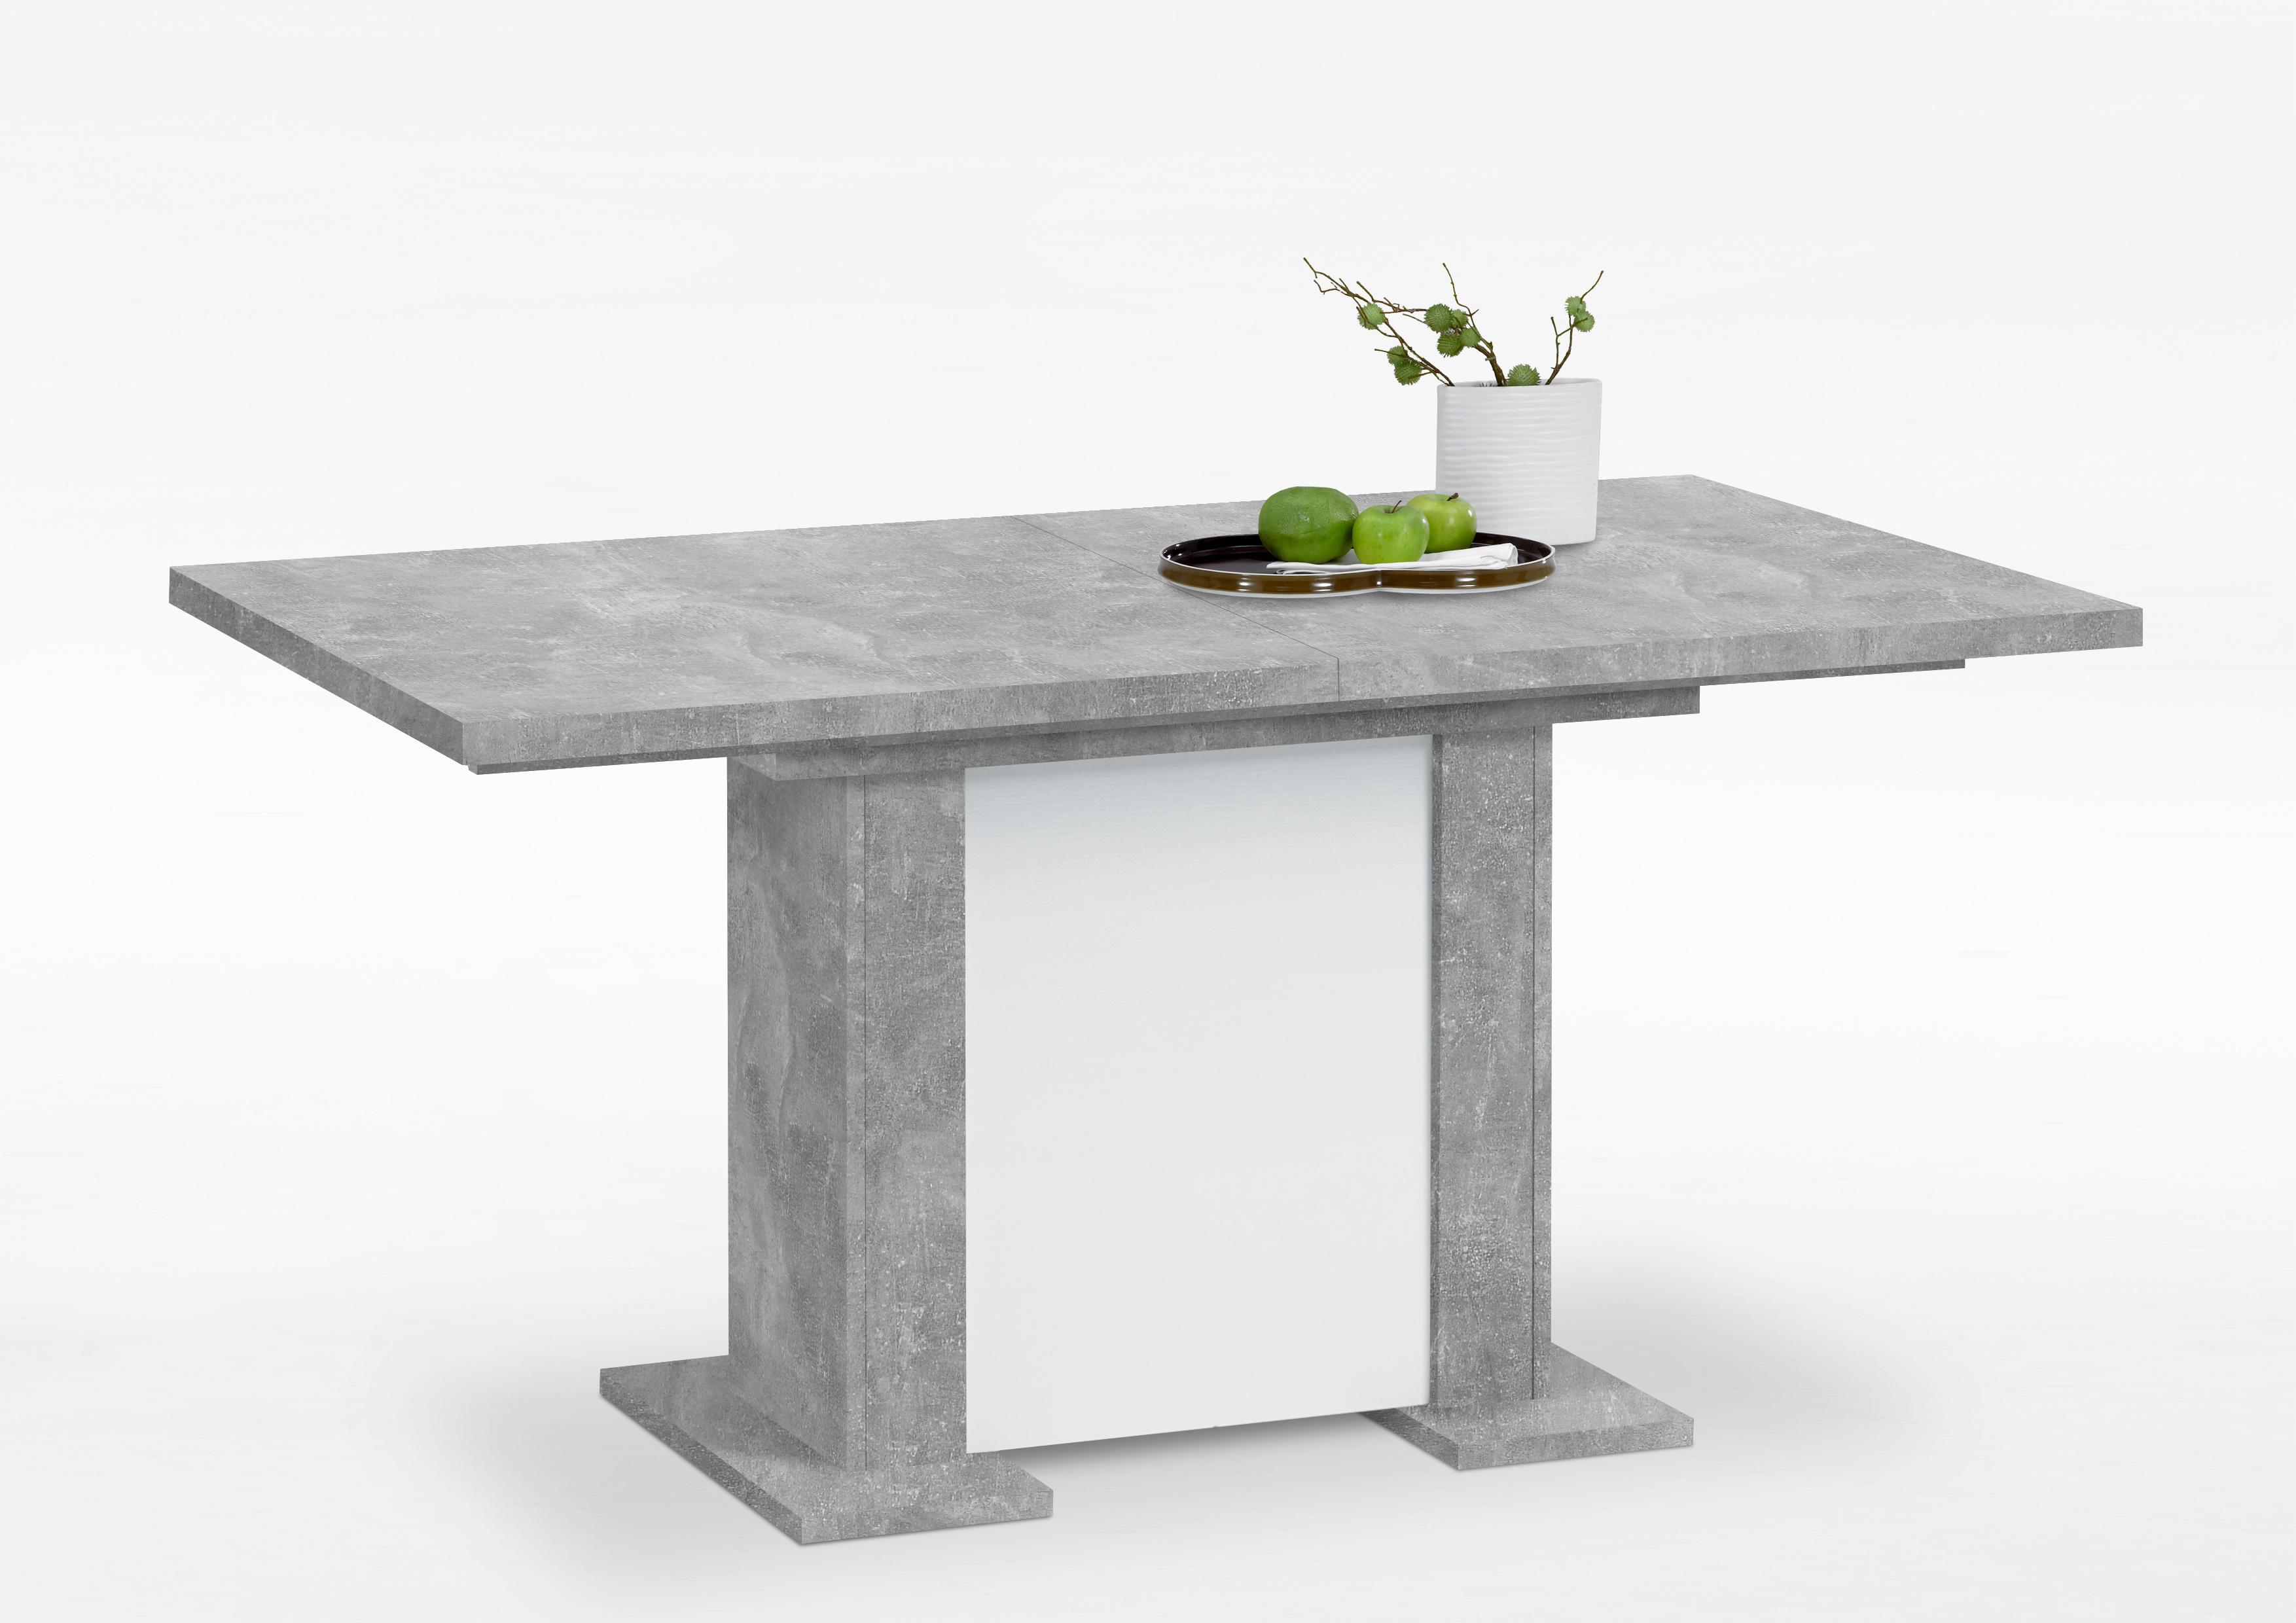 berck esstisch ausziehbar 160 195 230 cm breit von fmd beton weiss. Black Bedroom Furniture Sets. Home Design Ideas